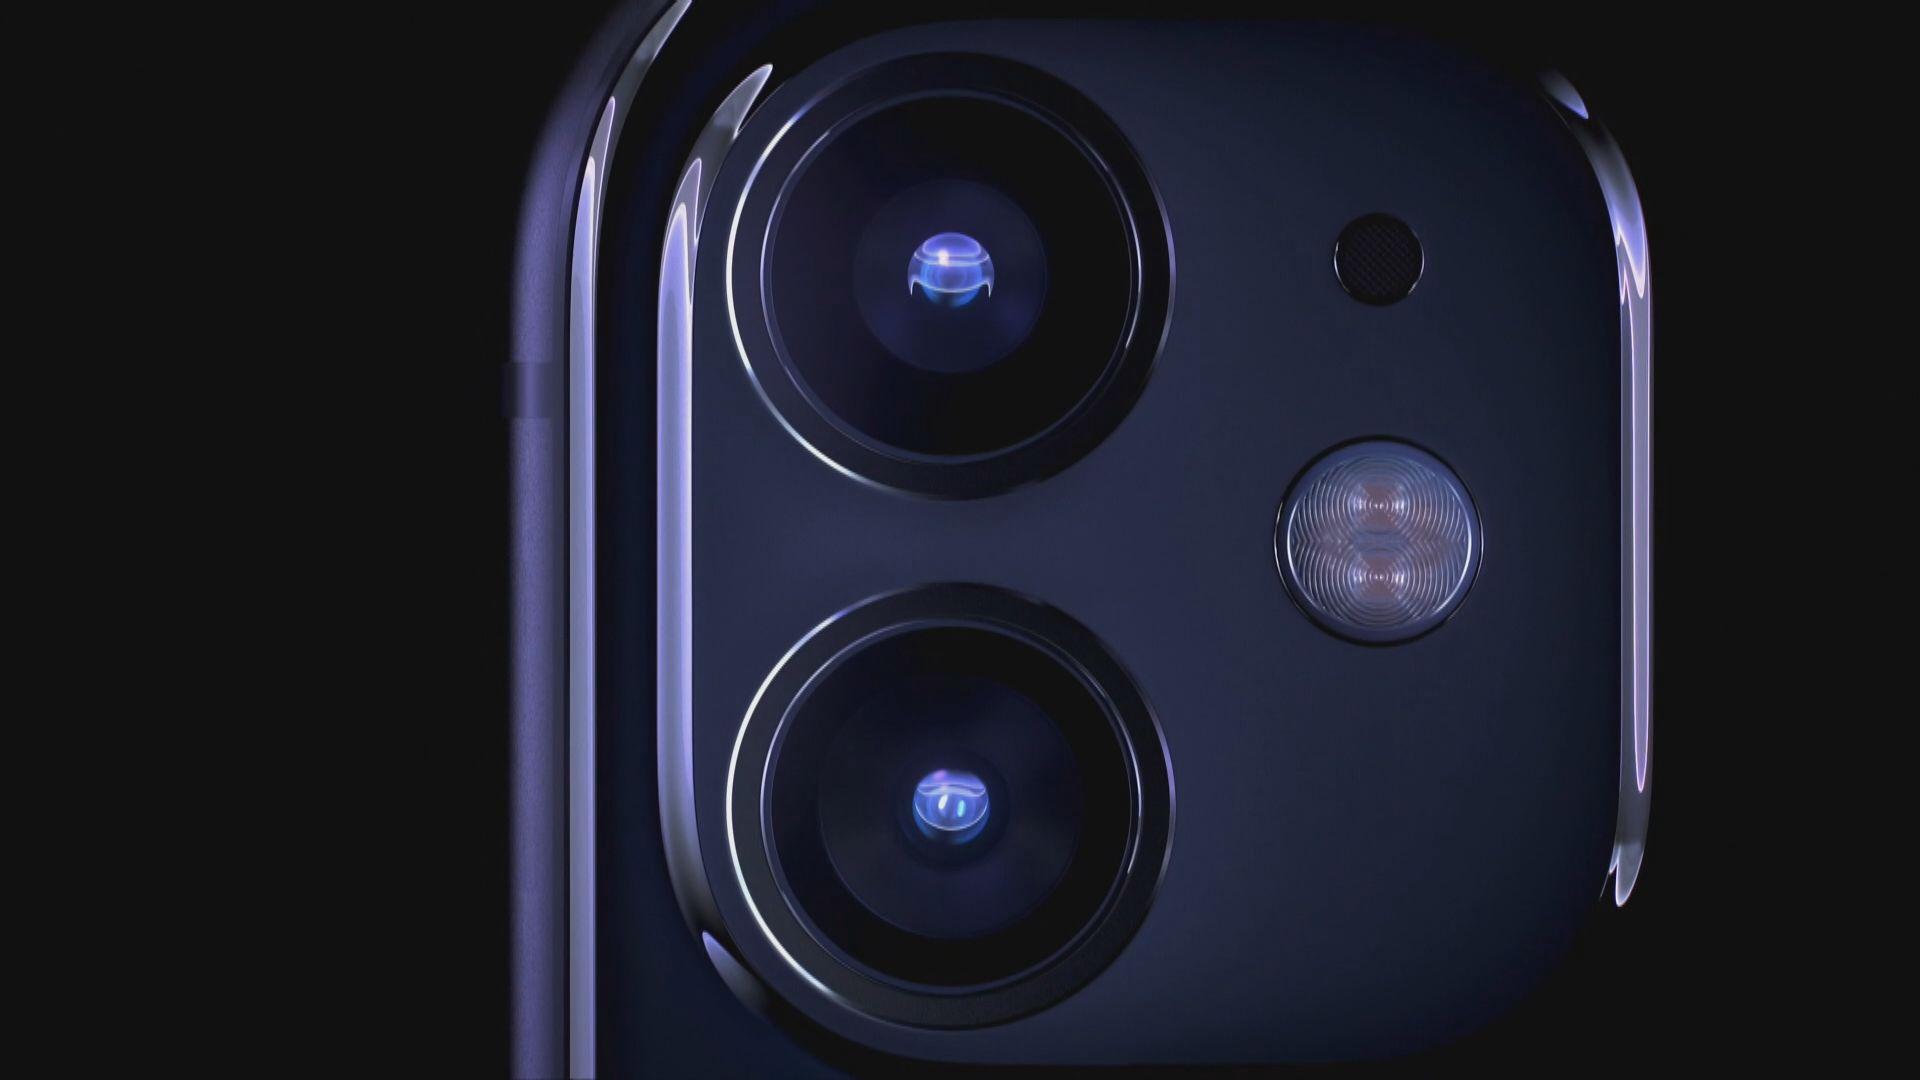 【新電話】蘋果據報明年推5G iPhone 料出貨量逾1億部